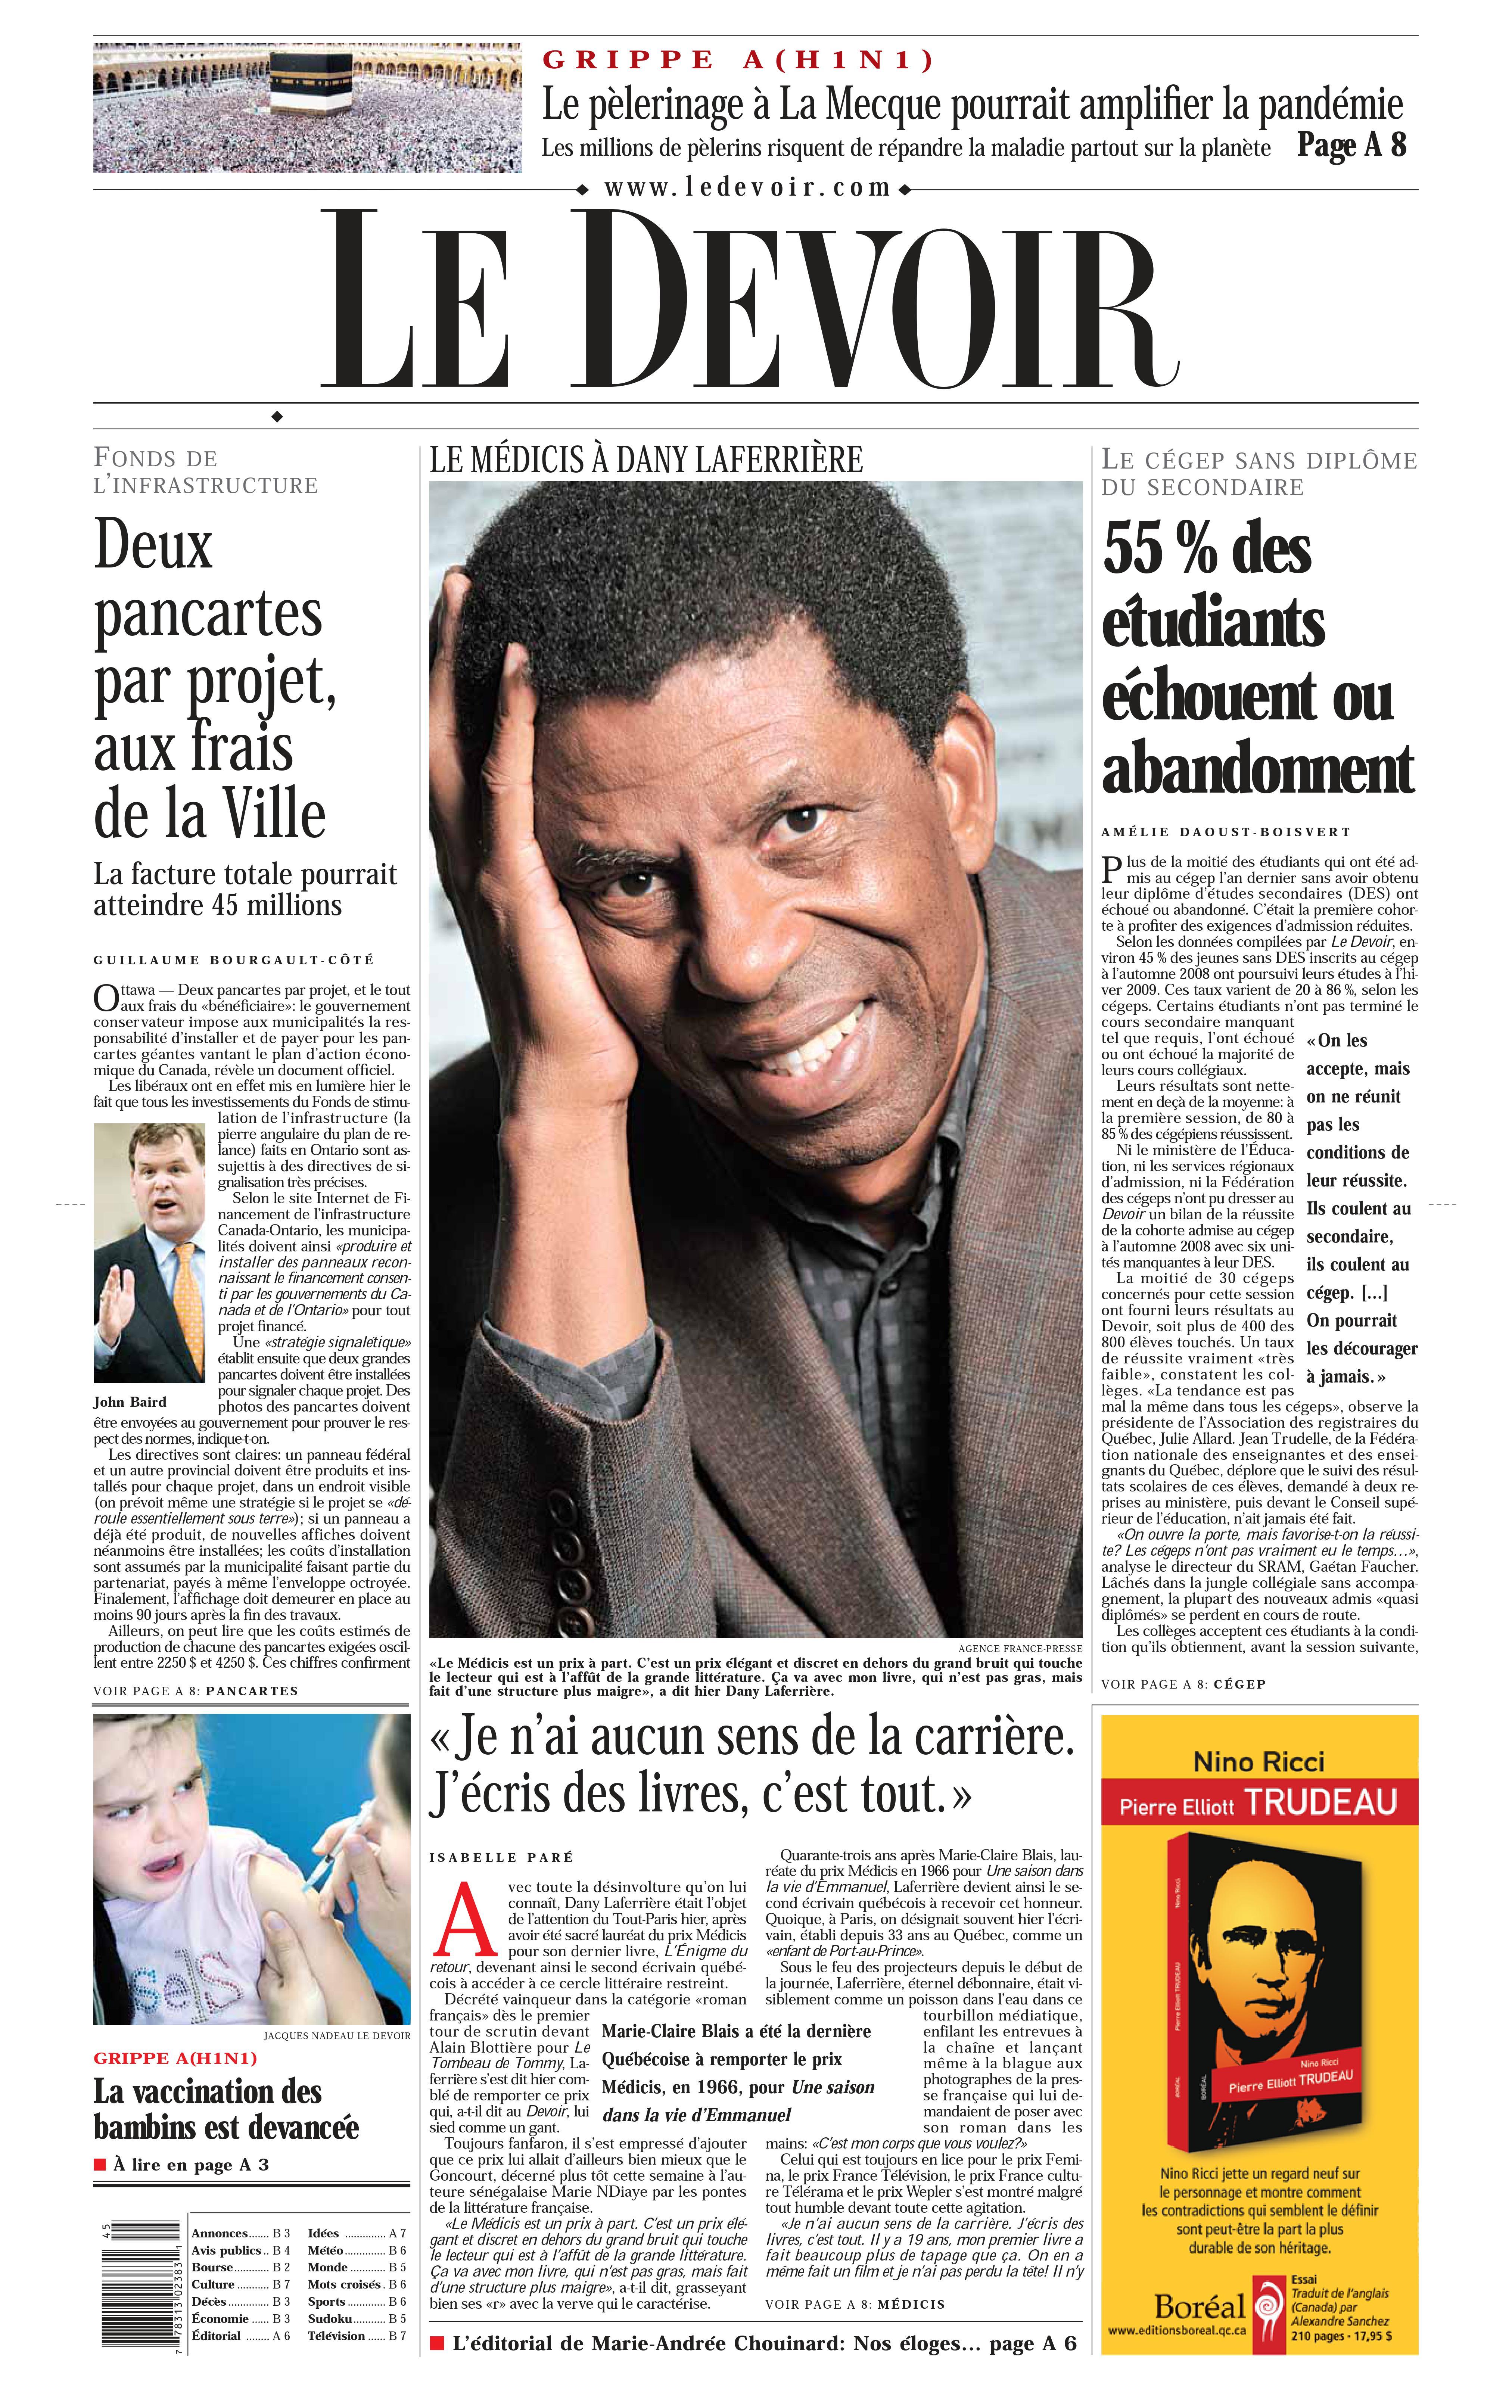 Frontpage Le Devoir 5 nov 2009